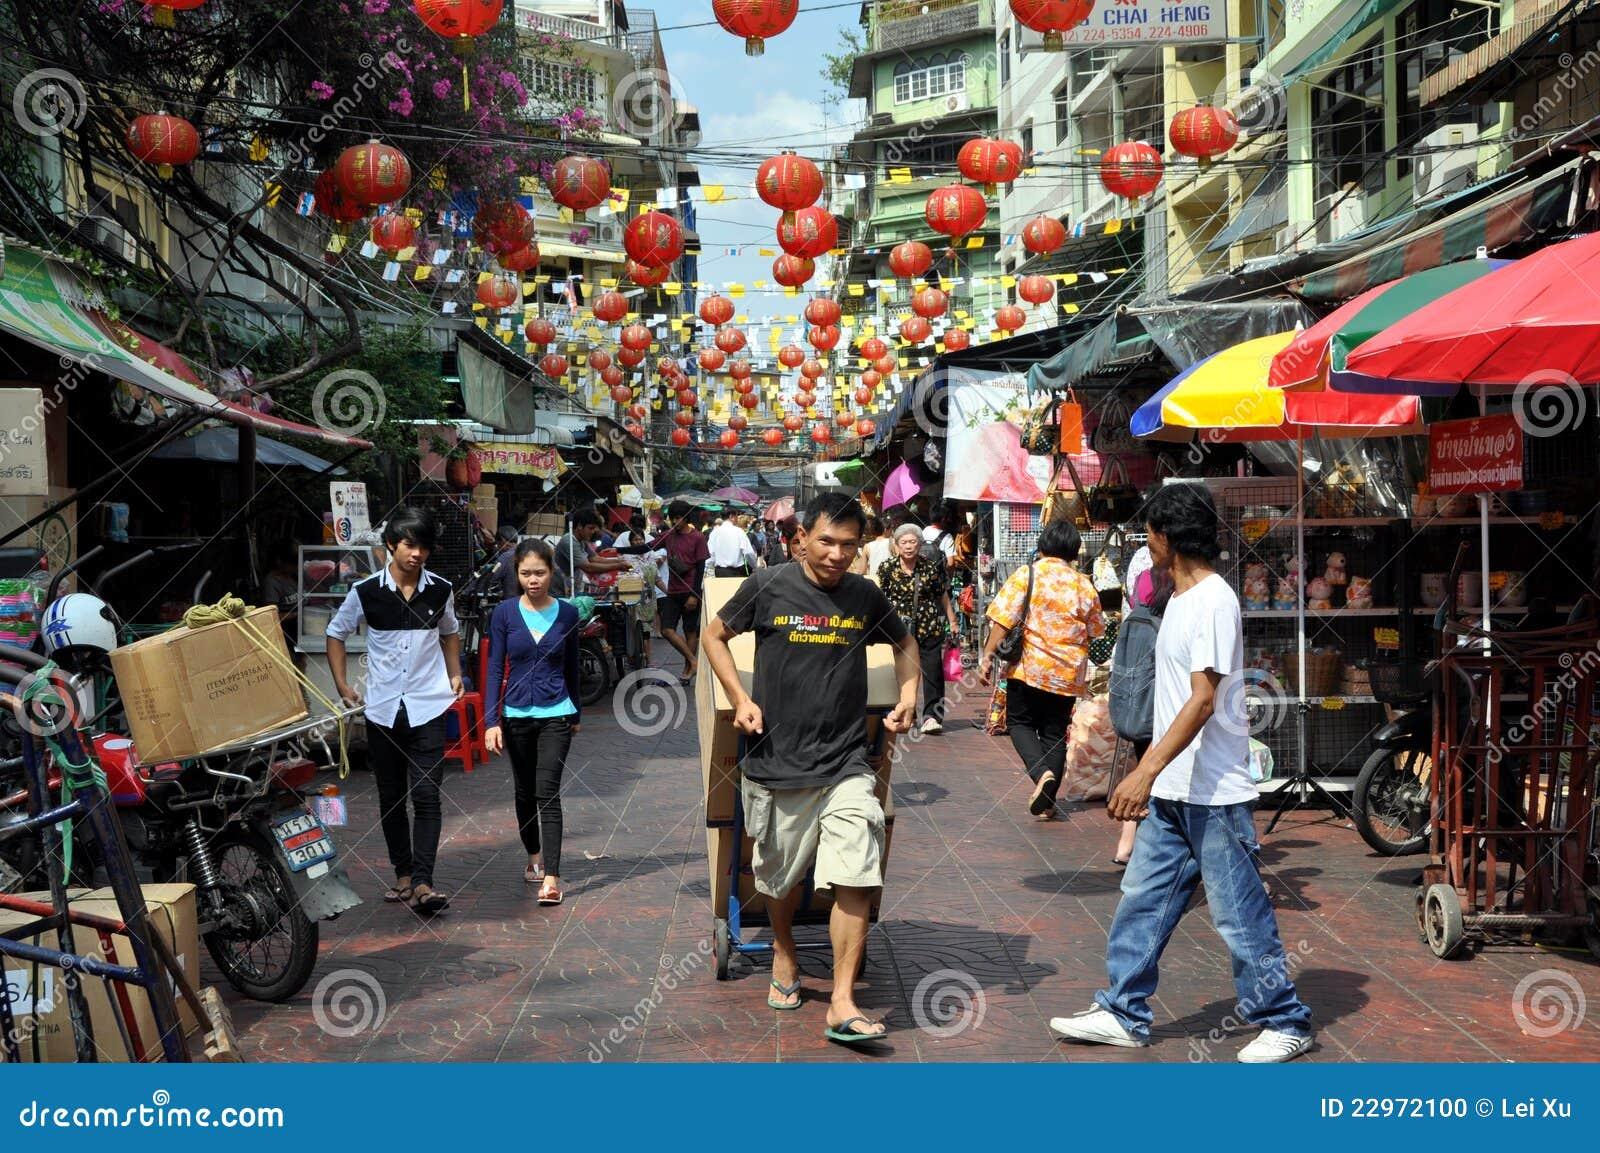 Bangkok or pattaya sex tourist capital - 5 2